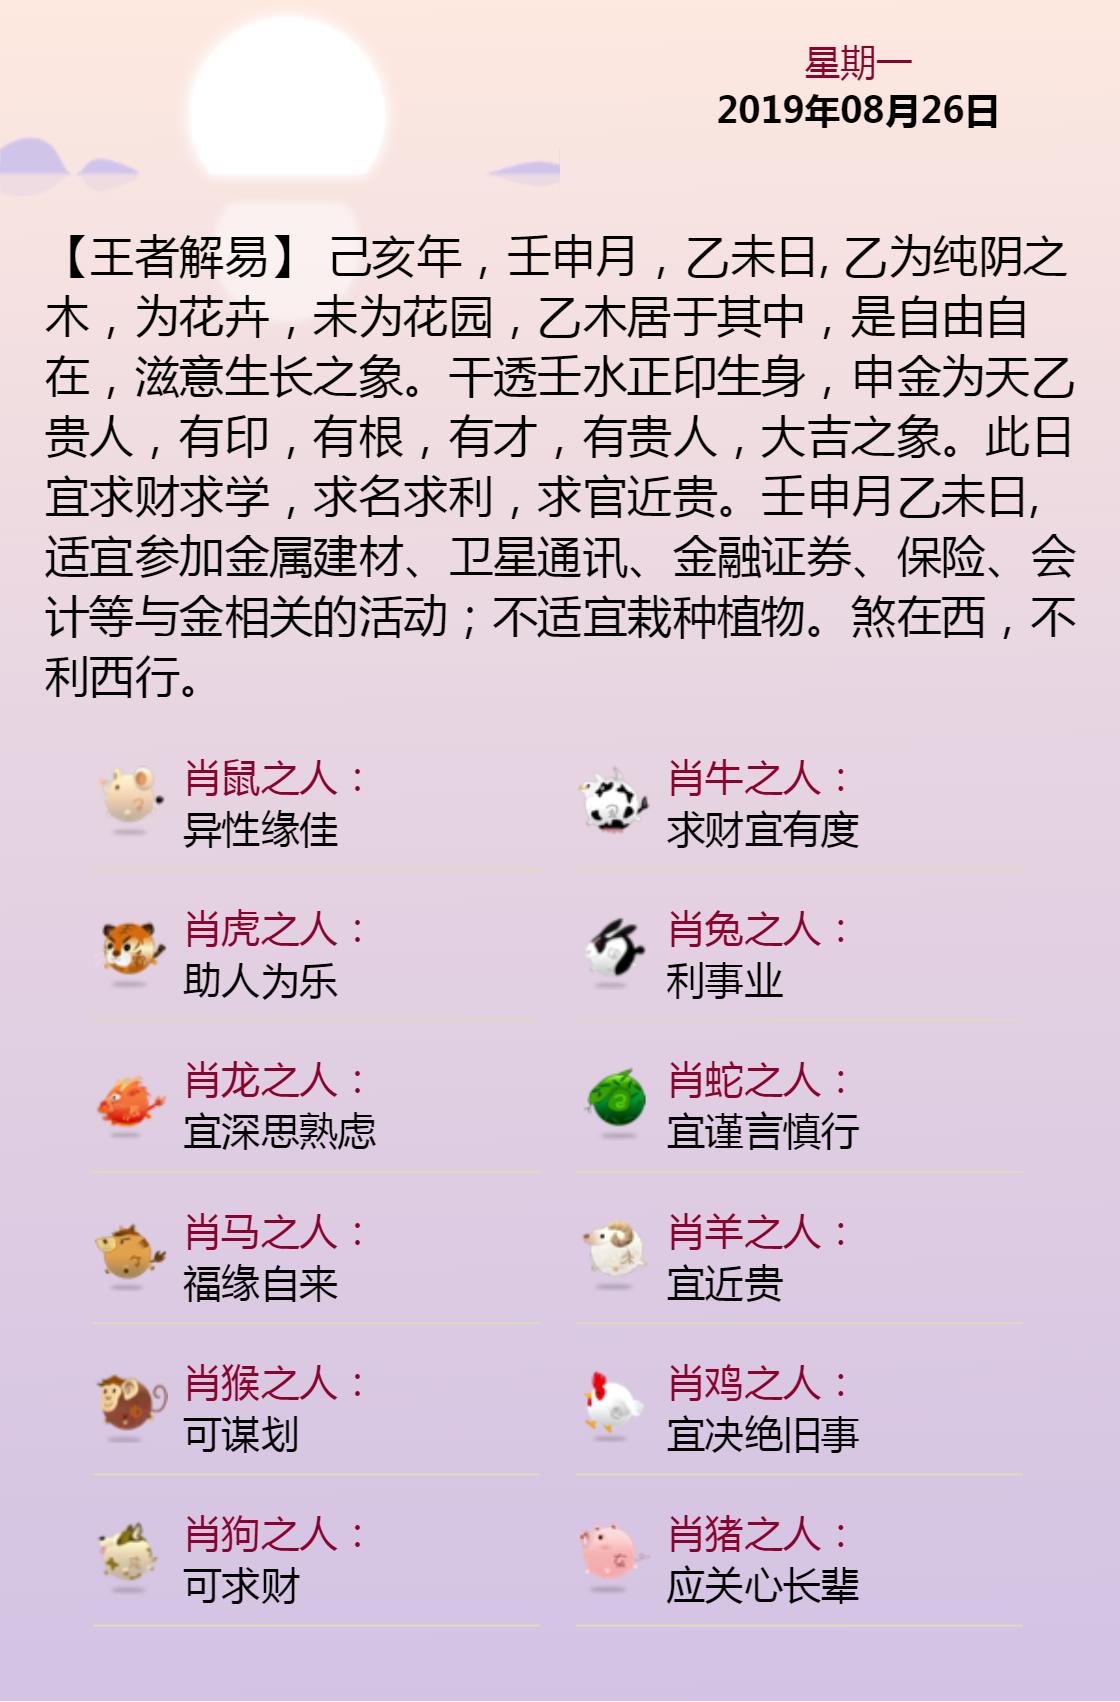 黄历海报20190826.png